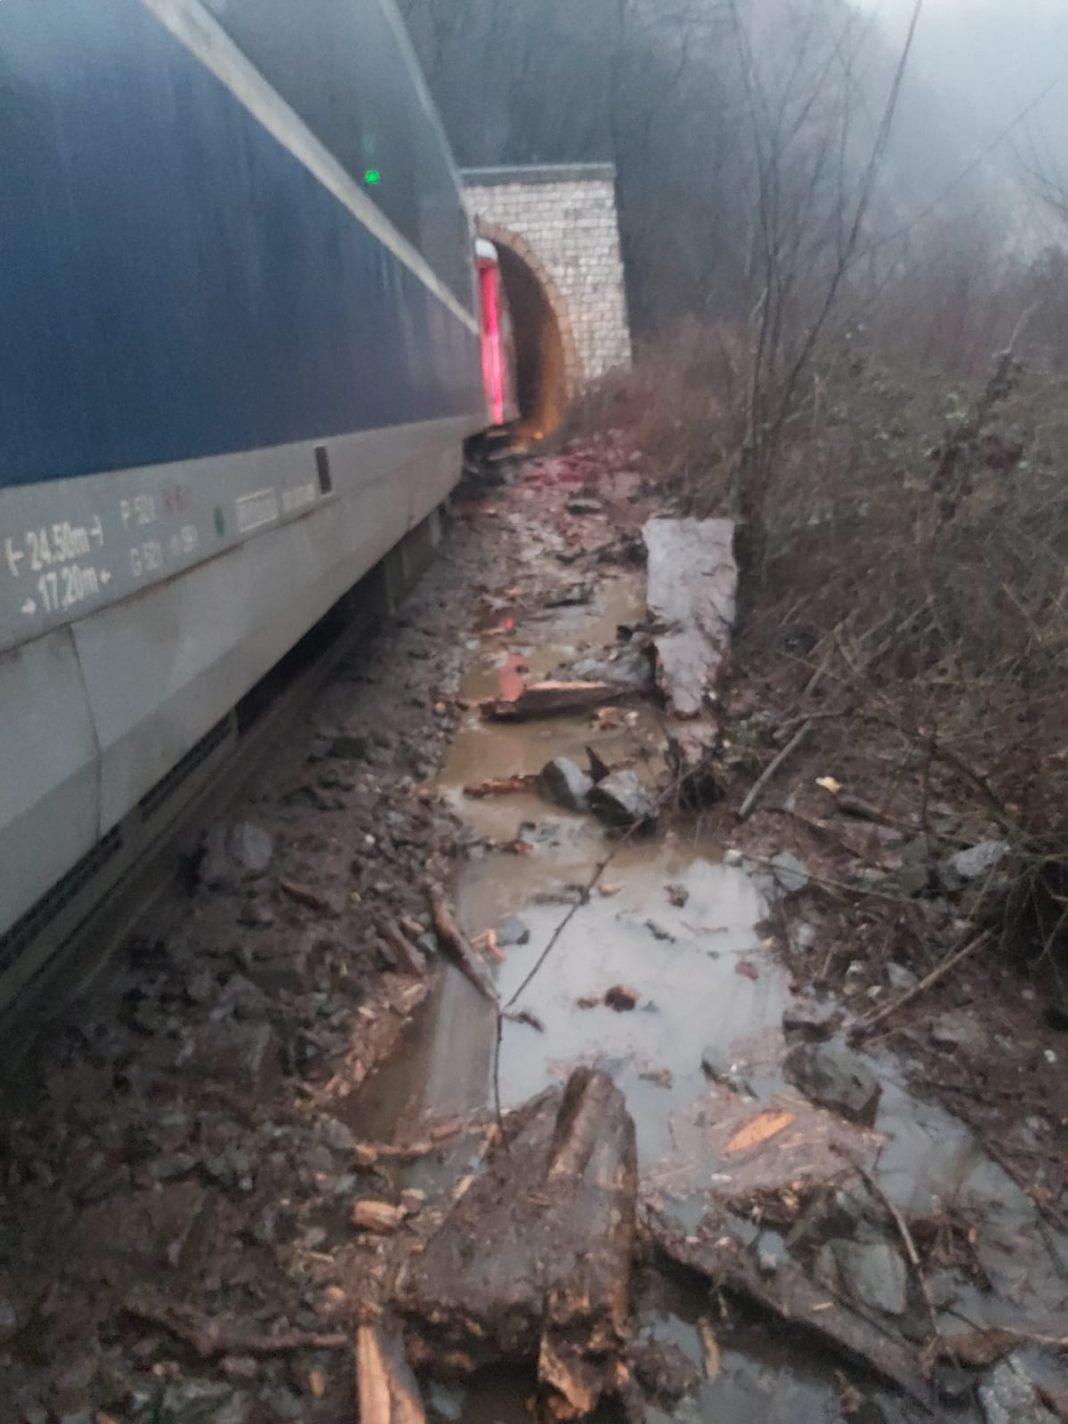 Traficul feroviar pe secția de cale ferată 202 este întrerupt între stațiile CF Lainici și Pietrele Albe după ce s-a fisurat șina